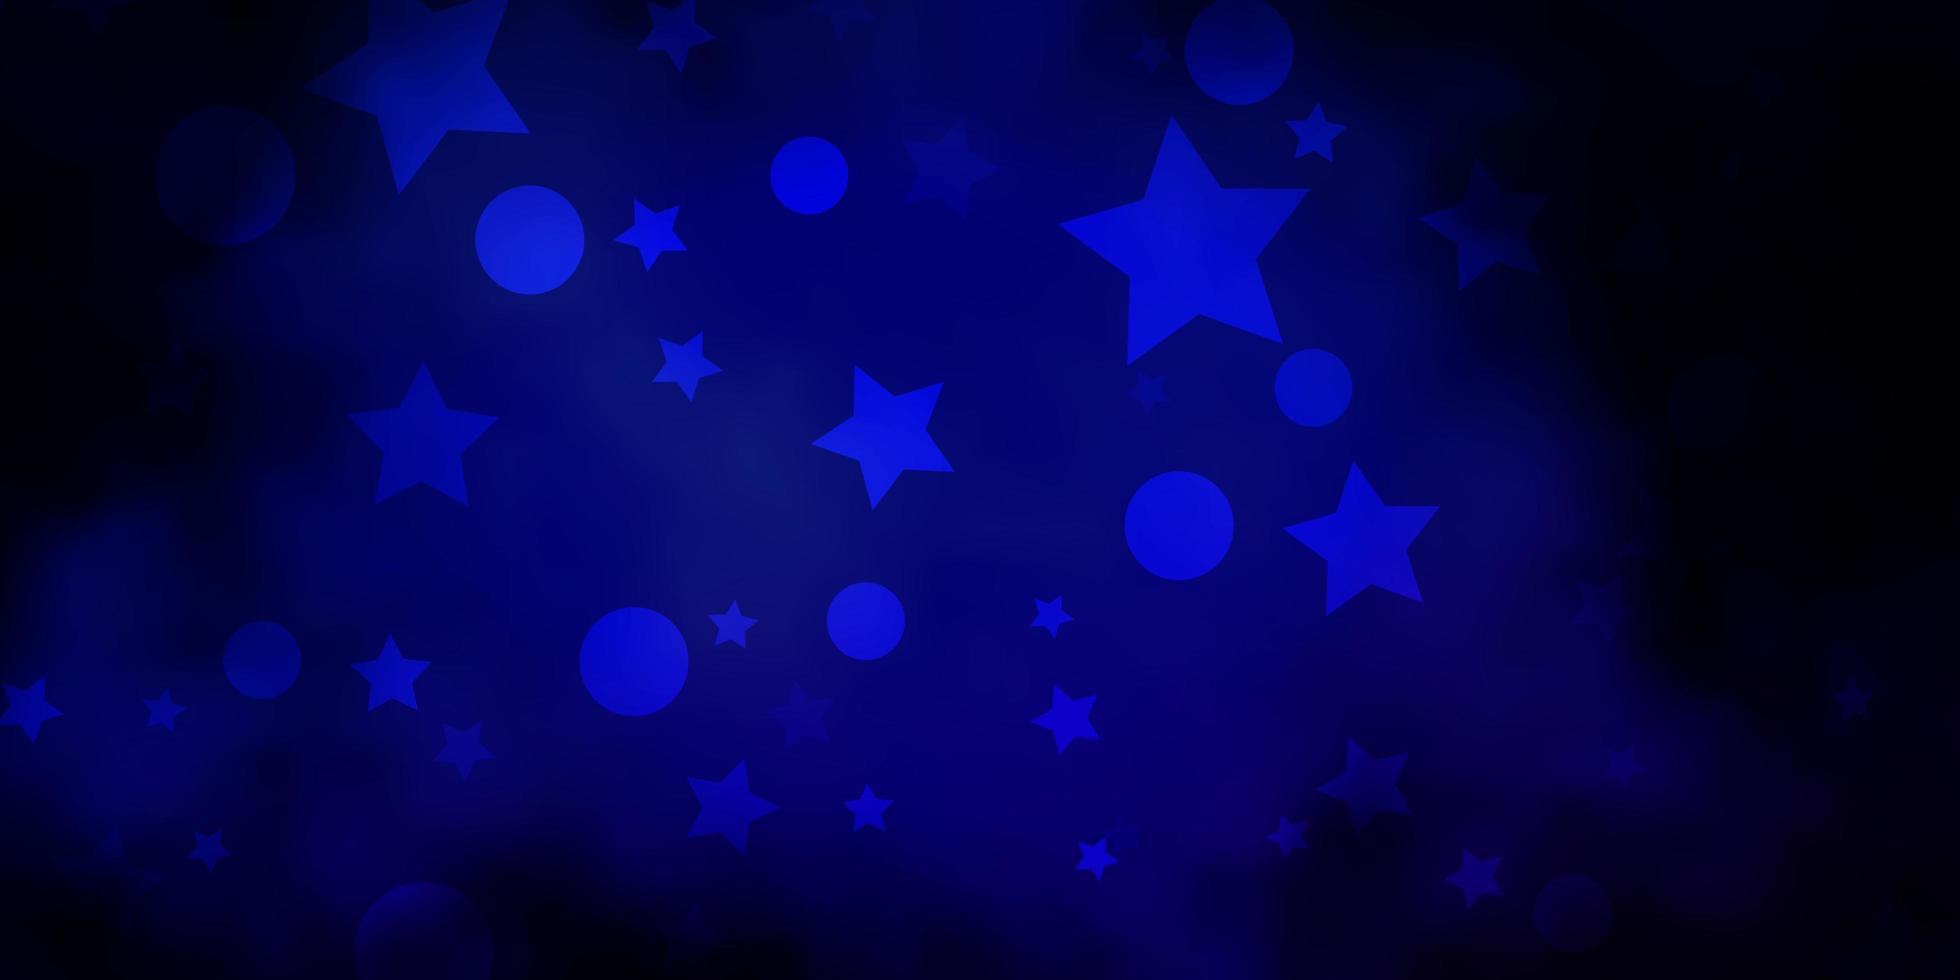 padrão de vetor azul escuro com círculos, estrelas.